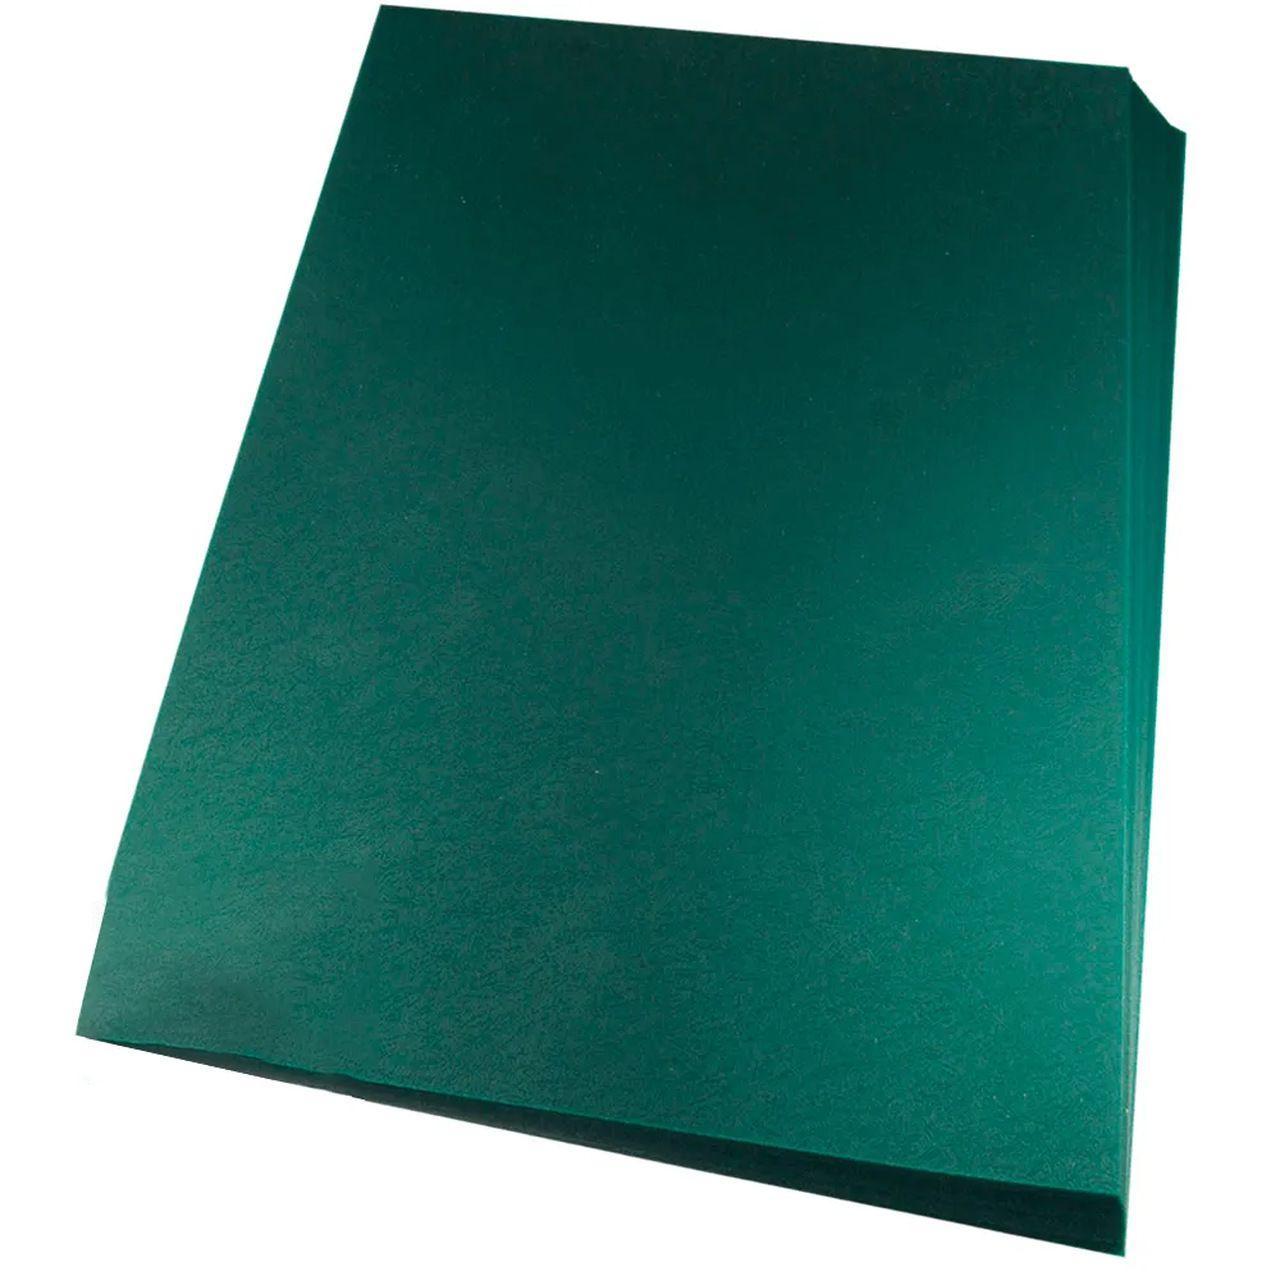 Capas para Encadernação Verde Tamanho A3 0,28 de PVC